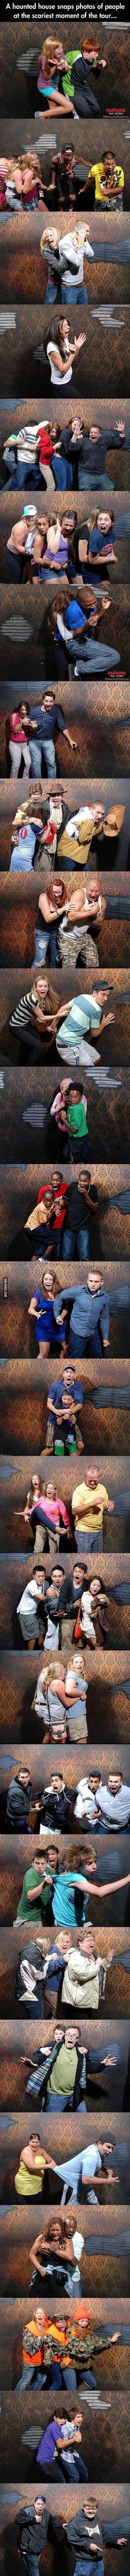 JAJAJAJAJAJAJAJAJA gente que le toman fotos en una casa de terror!!!! jajajajajajajajaja